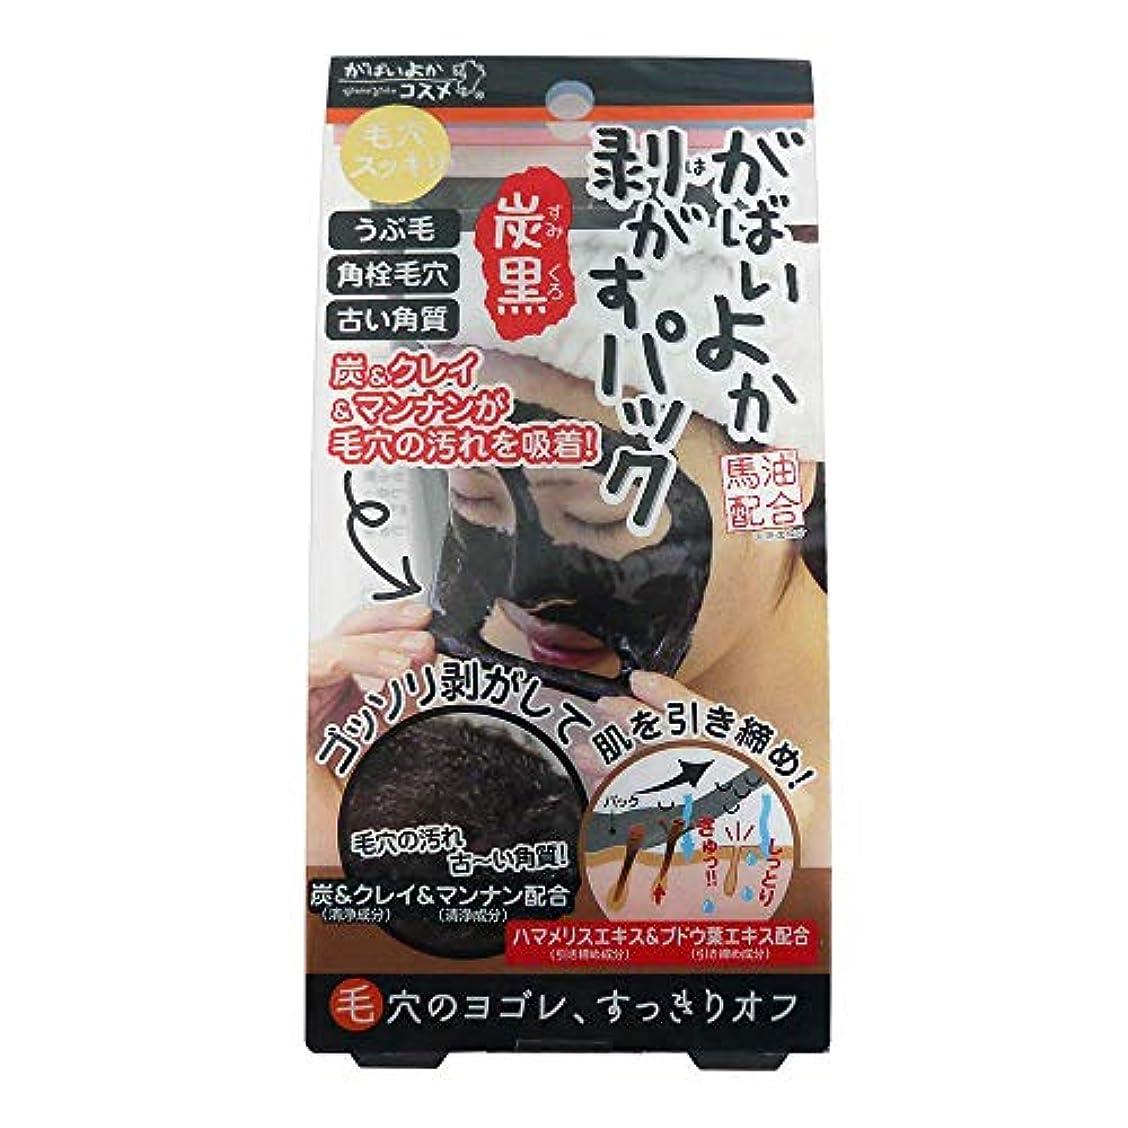 膨張する一口ポルティコがばいよか剥がすパック 炭黒 90g